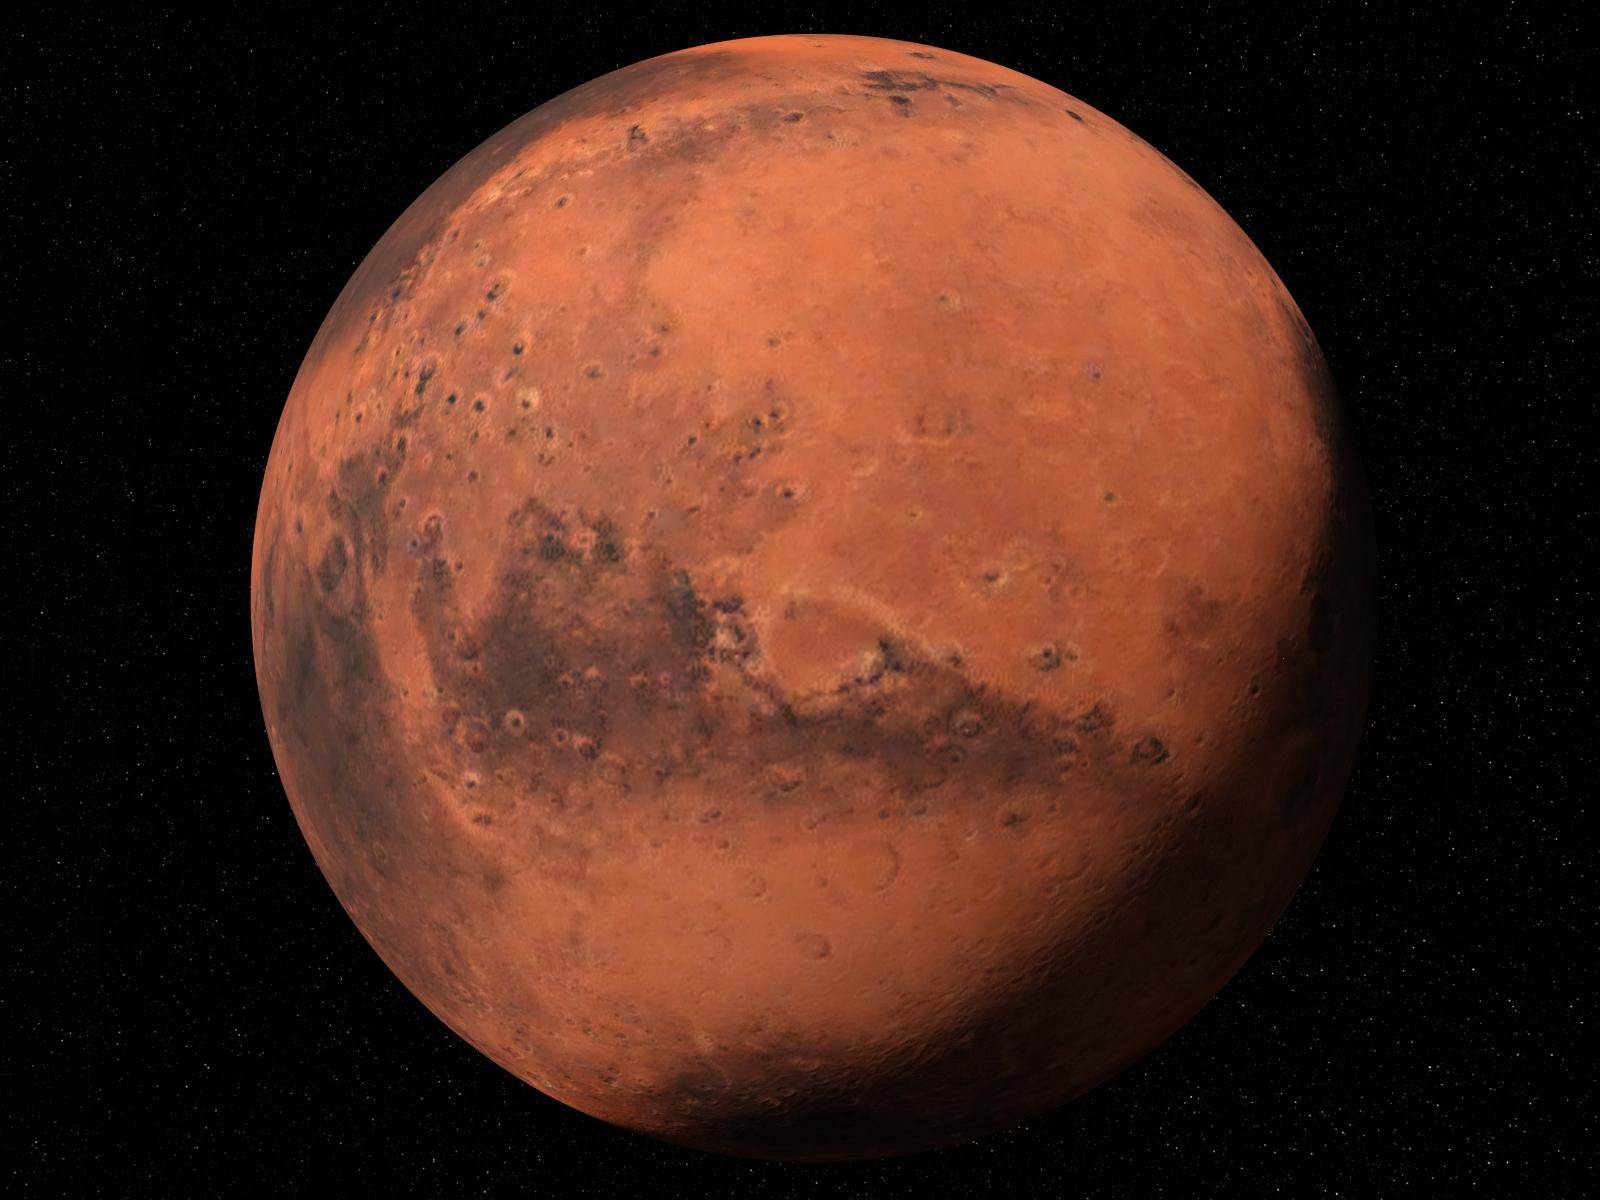 天体の力をせどりにも利用 火星のOut of Bounds